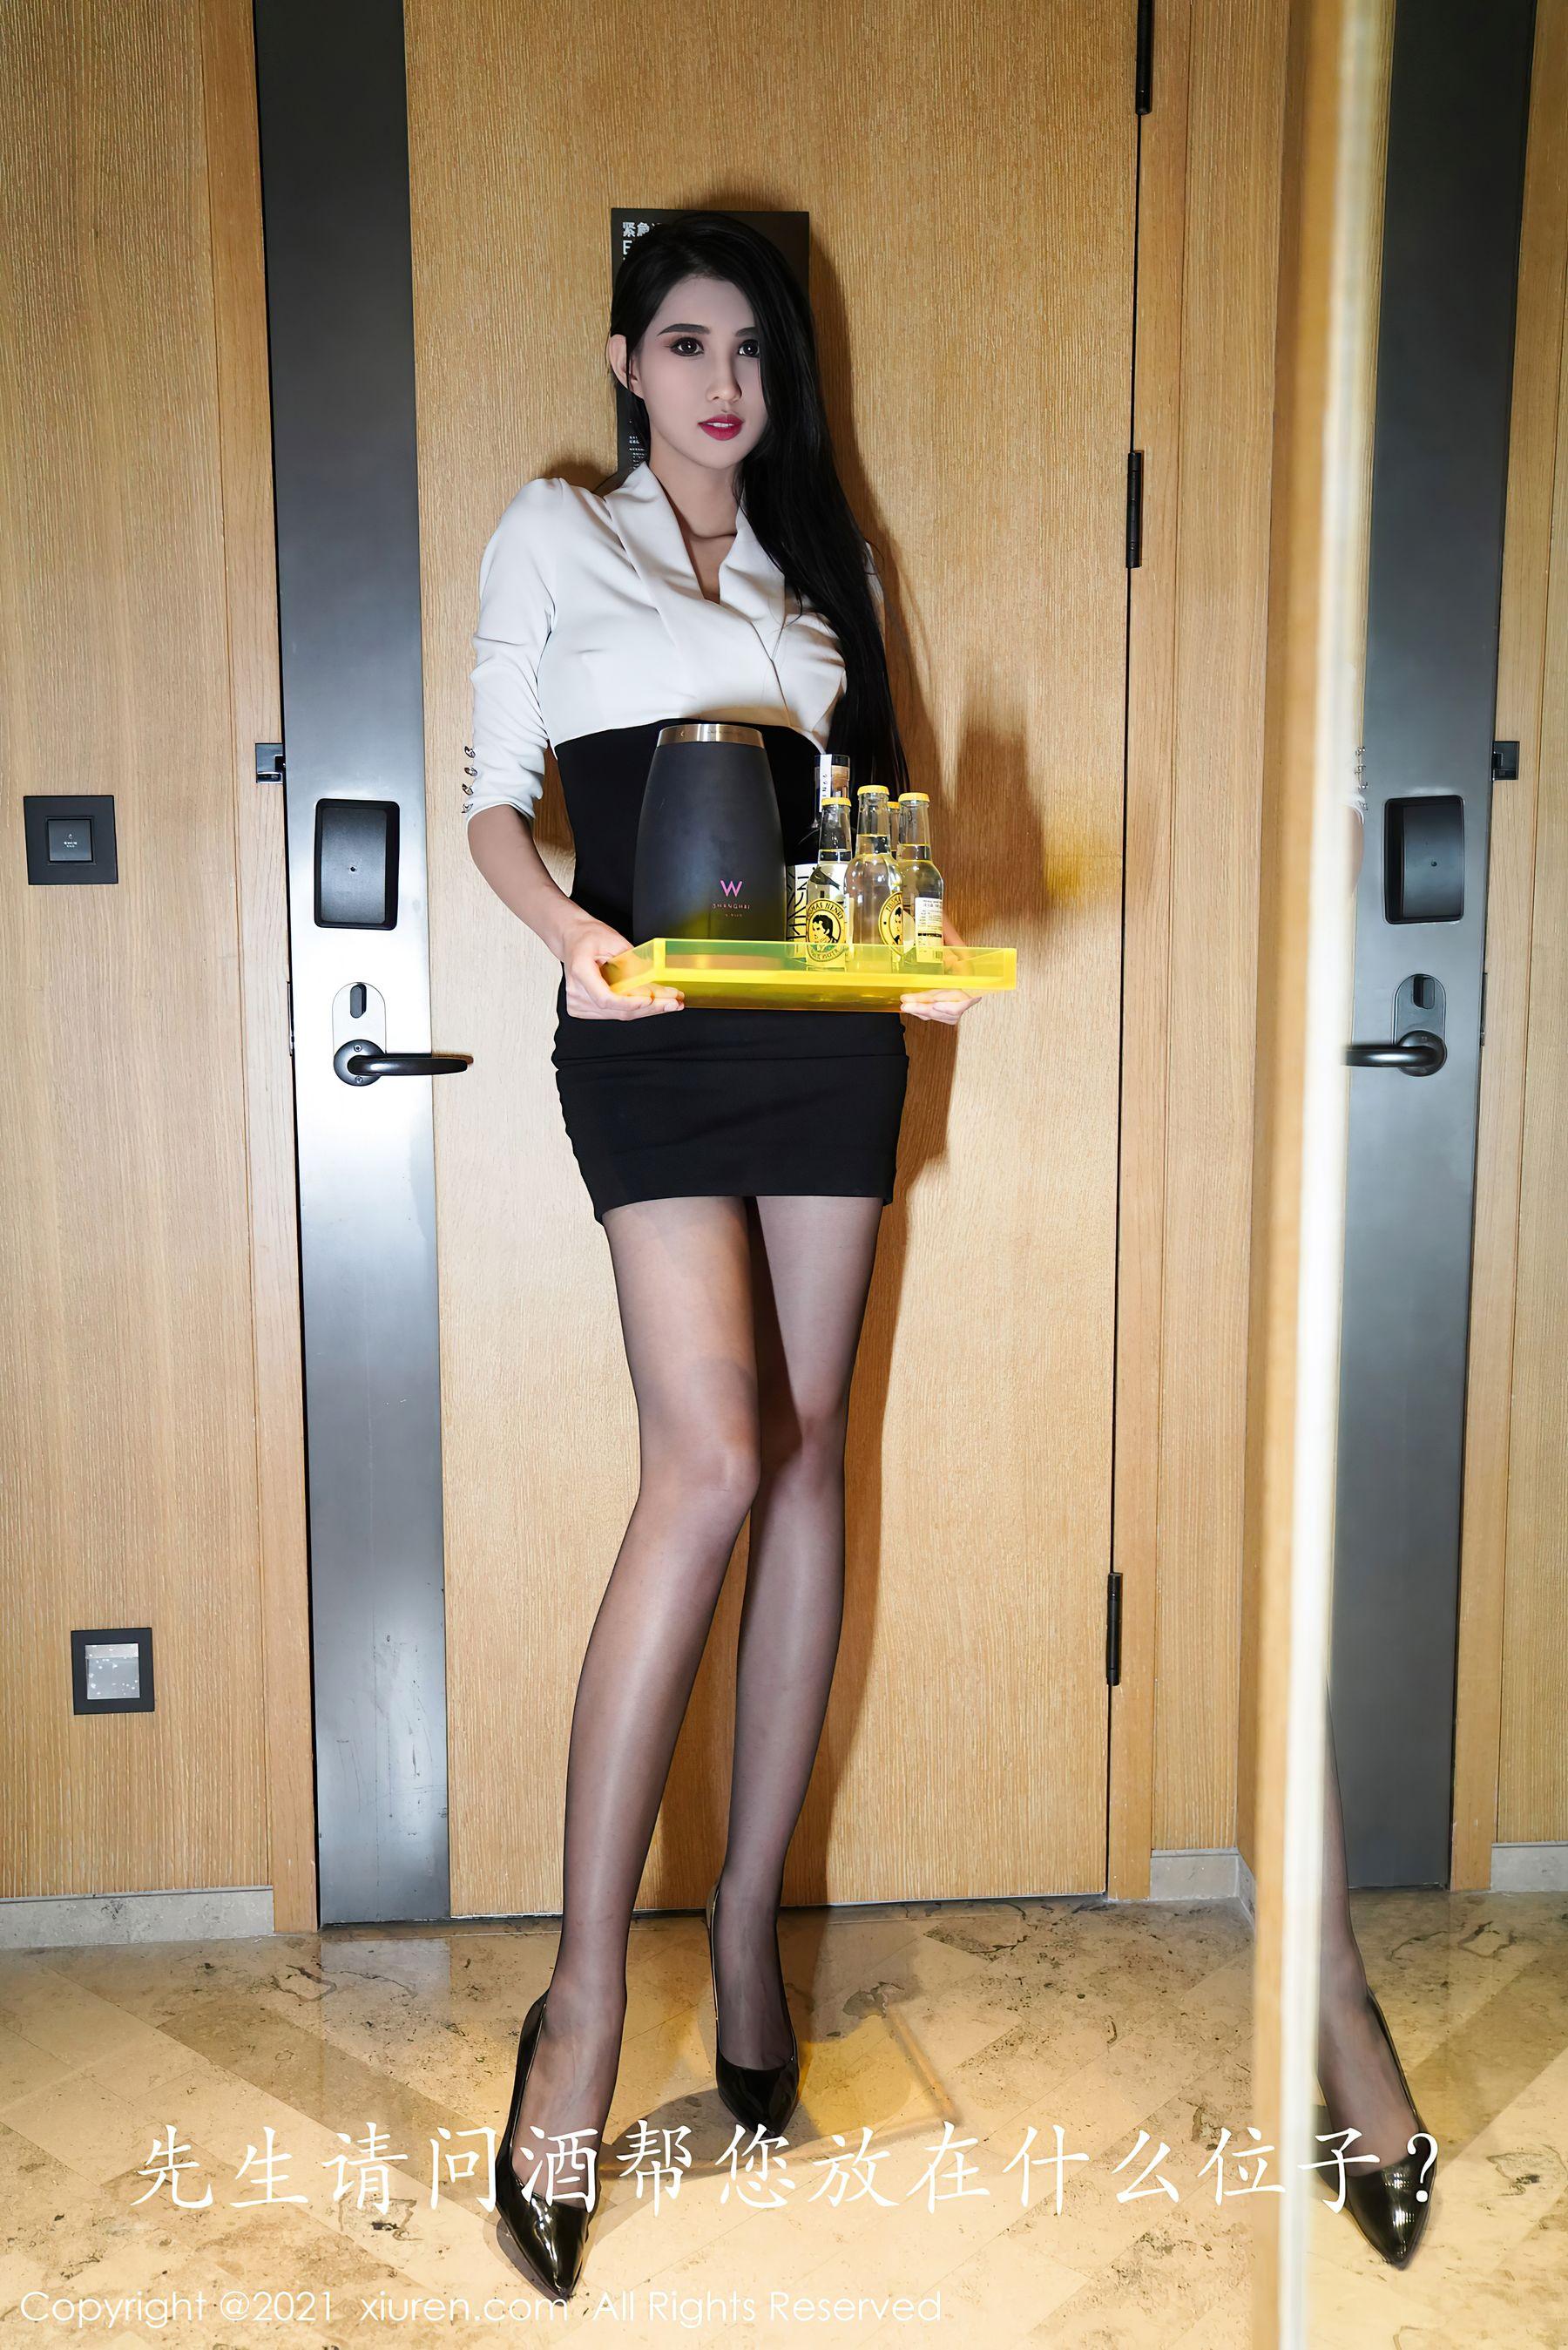 VOL.1123 [秀人网]丝袜女郎黑丝美腿黑丝诱惑:葛征(葛征Model,哈尼宝宝)超高清写真套图(40P)